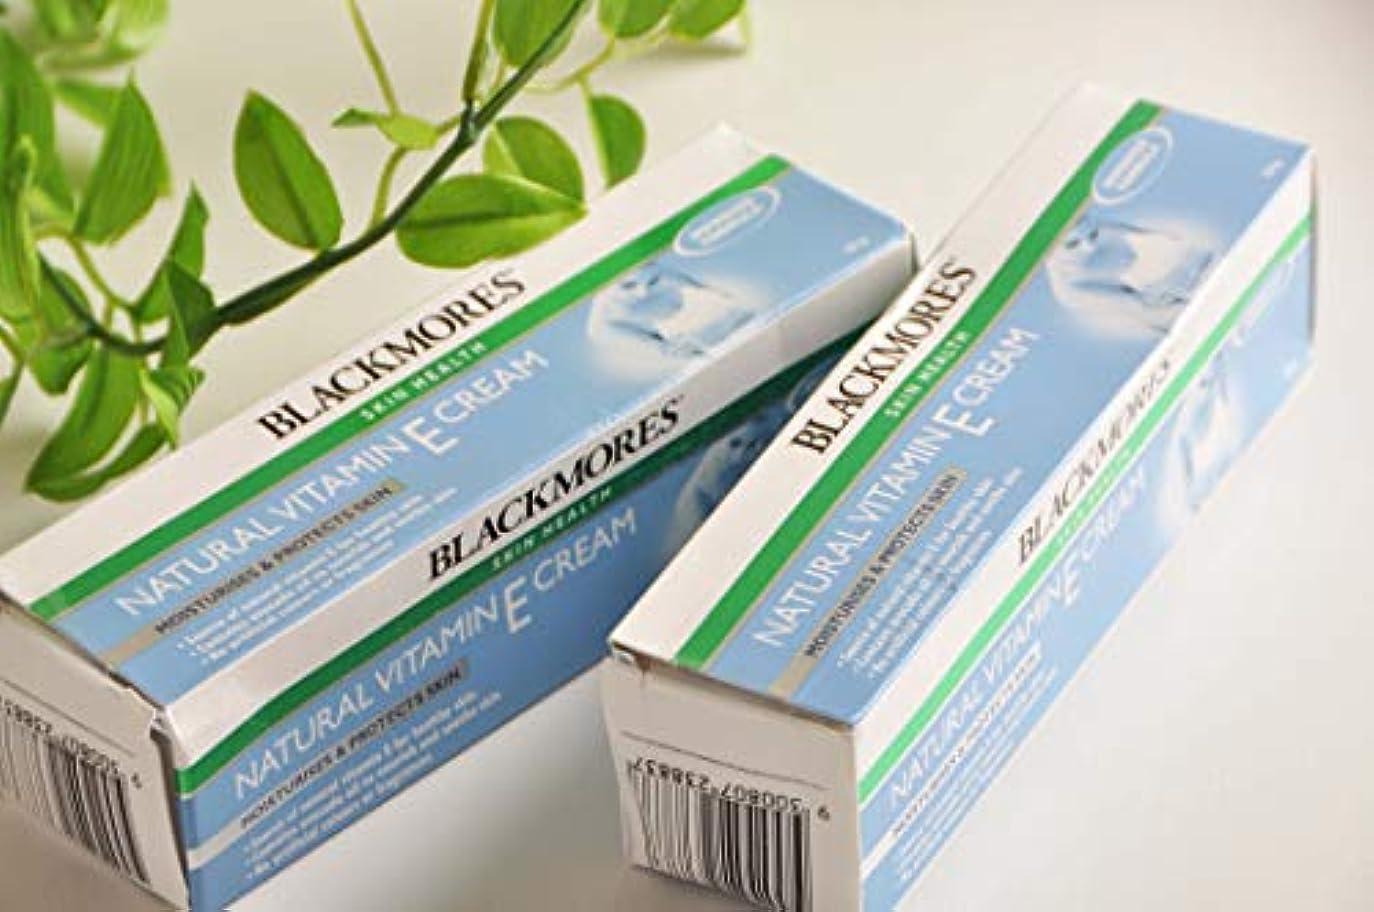 樹皮不和リレーBLACKMORES(ブラックモアズ) ナチュラル ビタミンE クリーム 【海外直送品】 [並行輸入品]